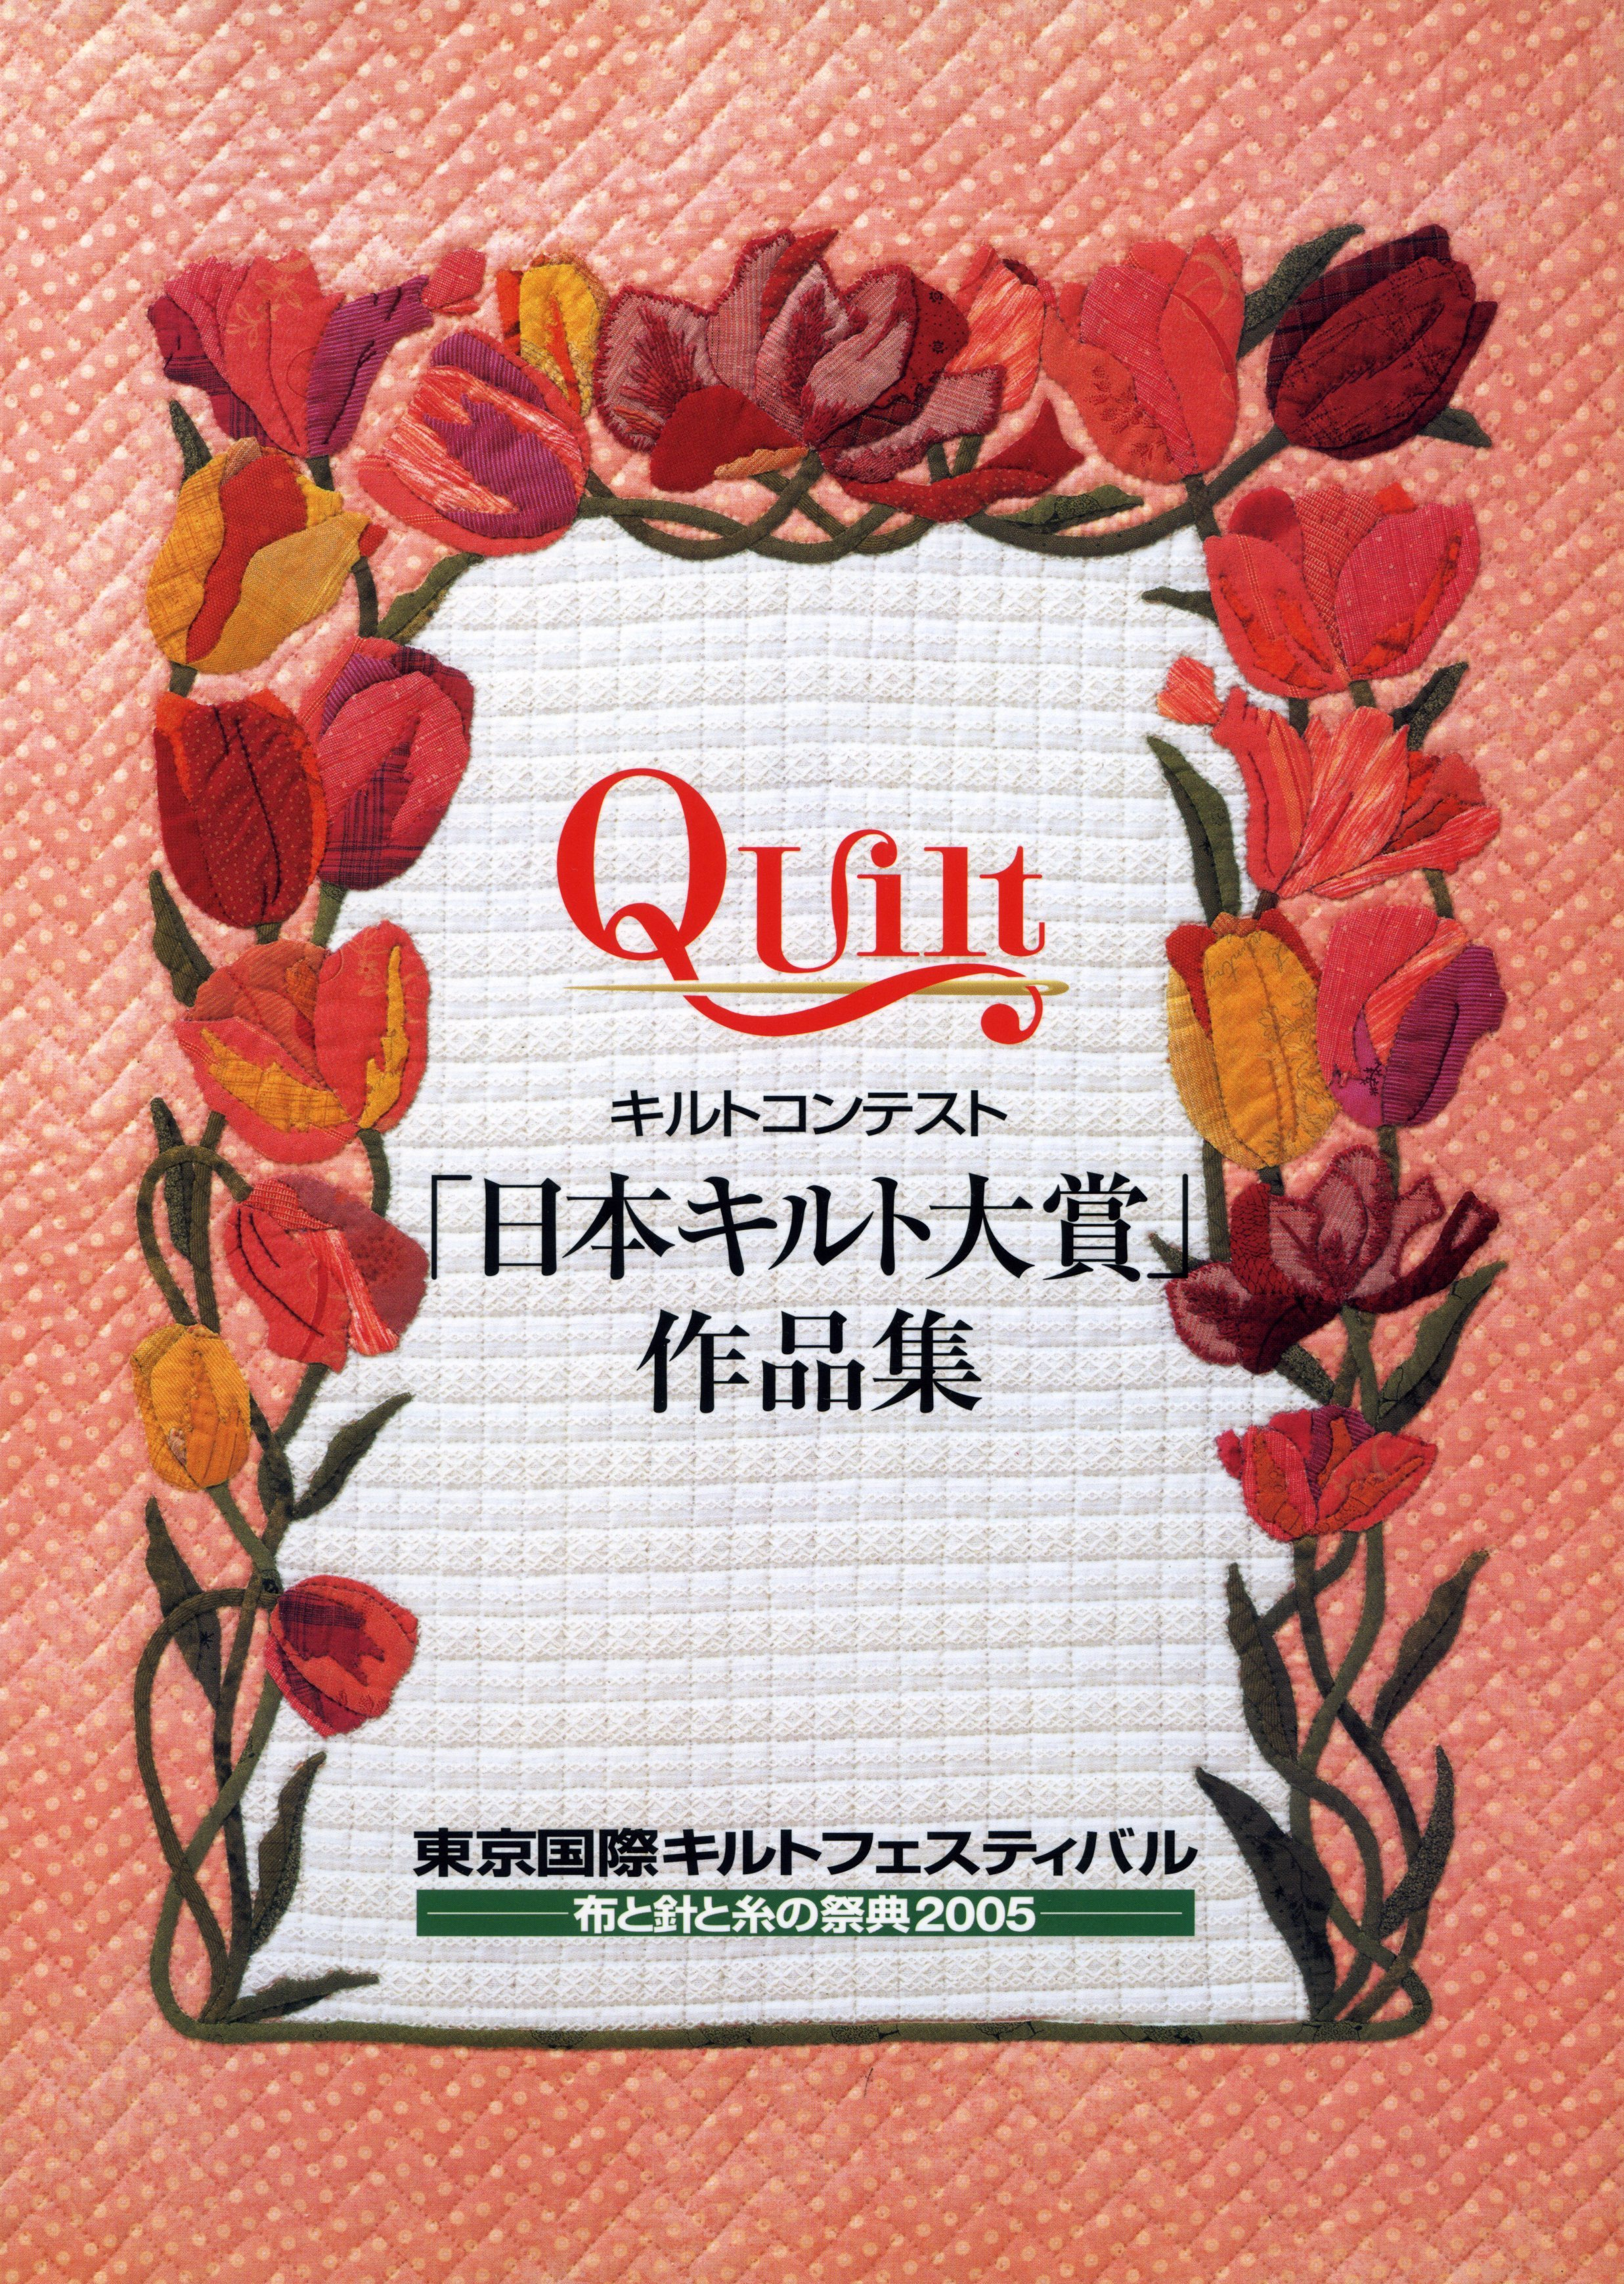 Tokyo Quilt Festival 2005中沢フェリーサ